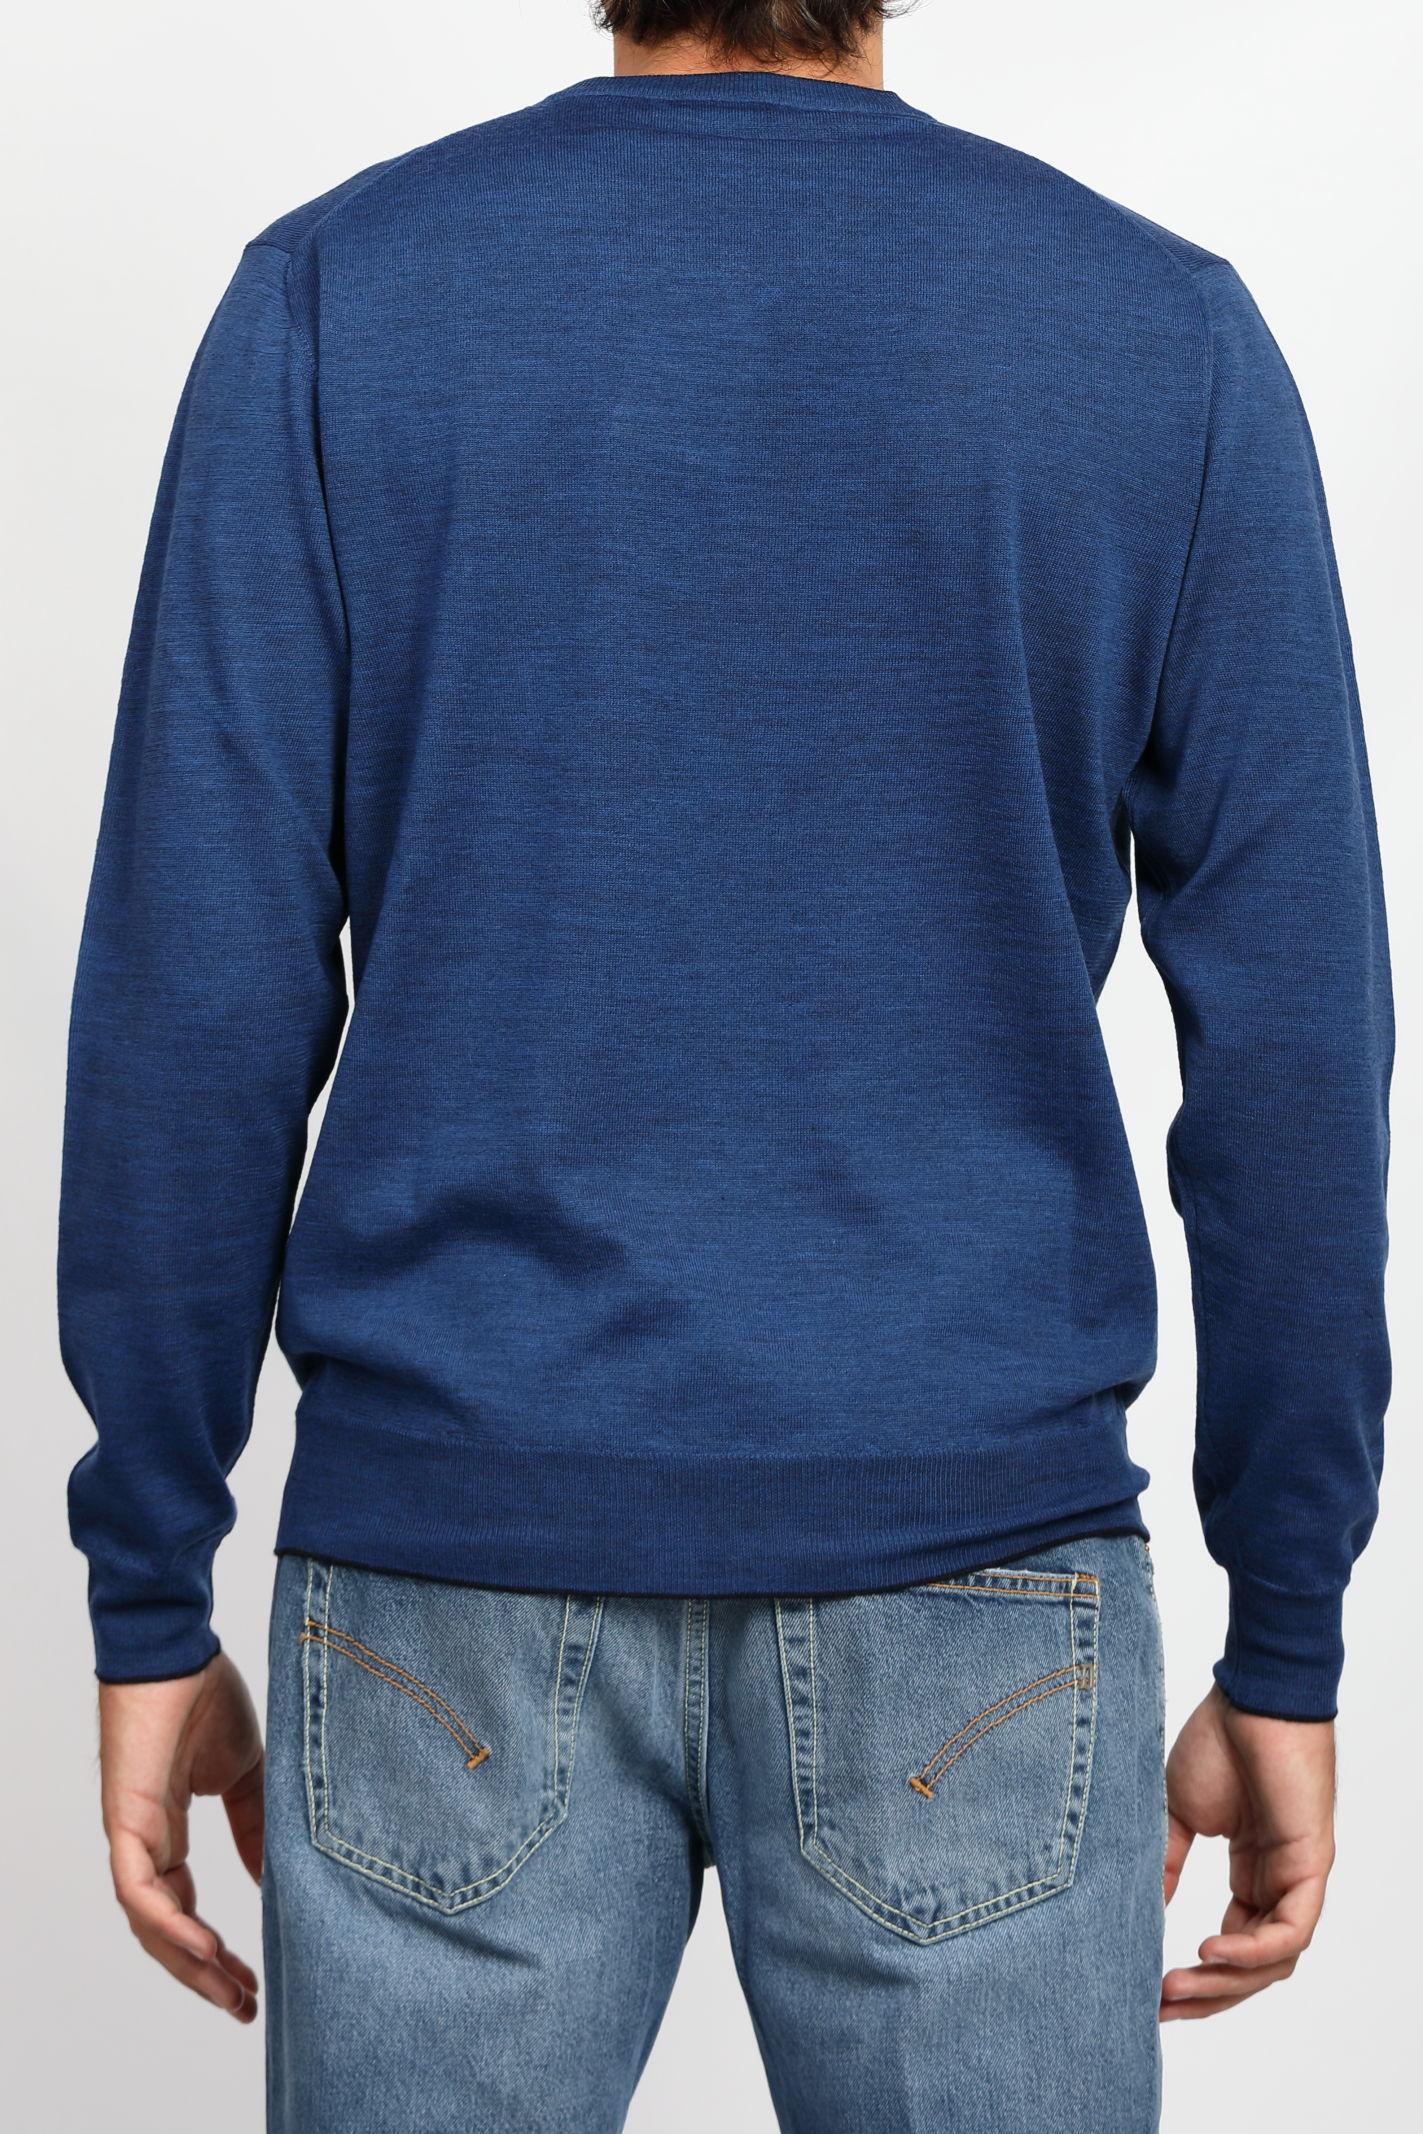 MERINO WOOL V-NECK SWEATER FRANCESCO PIERI | Knitwear | FU03601C441702